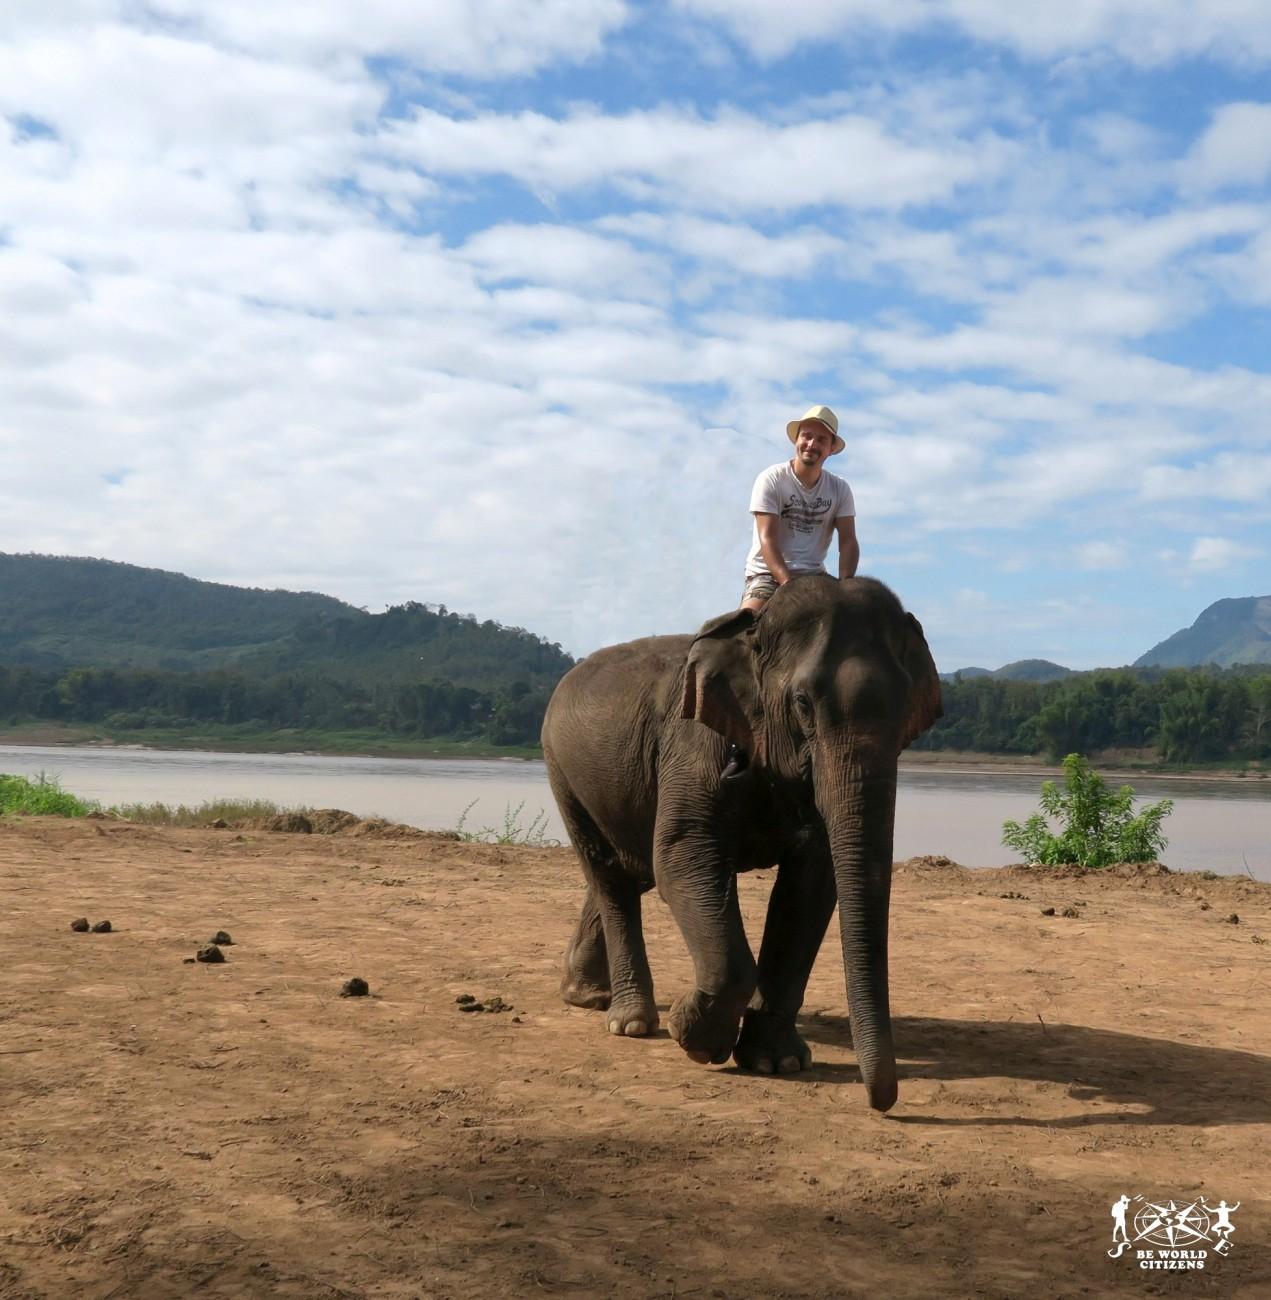 Laos: Luang Prabang, Elephant Park